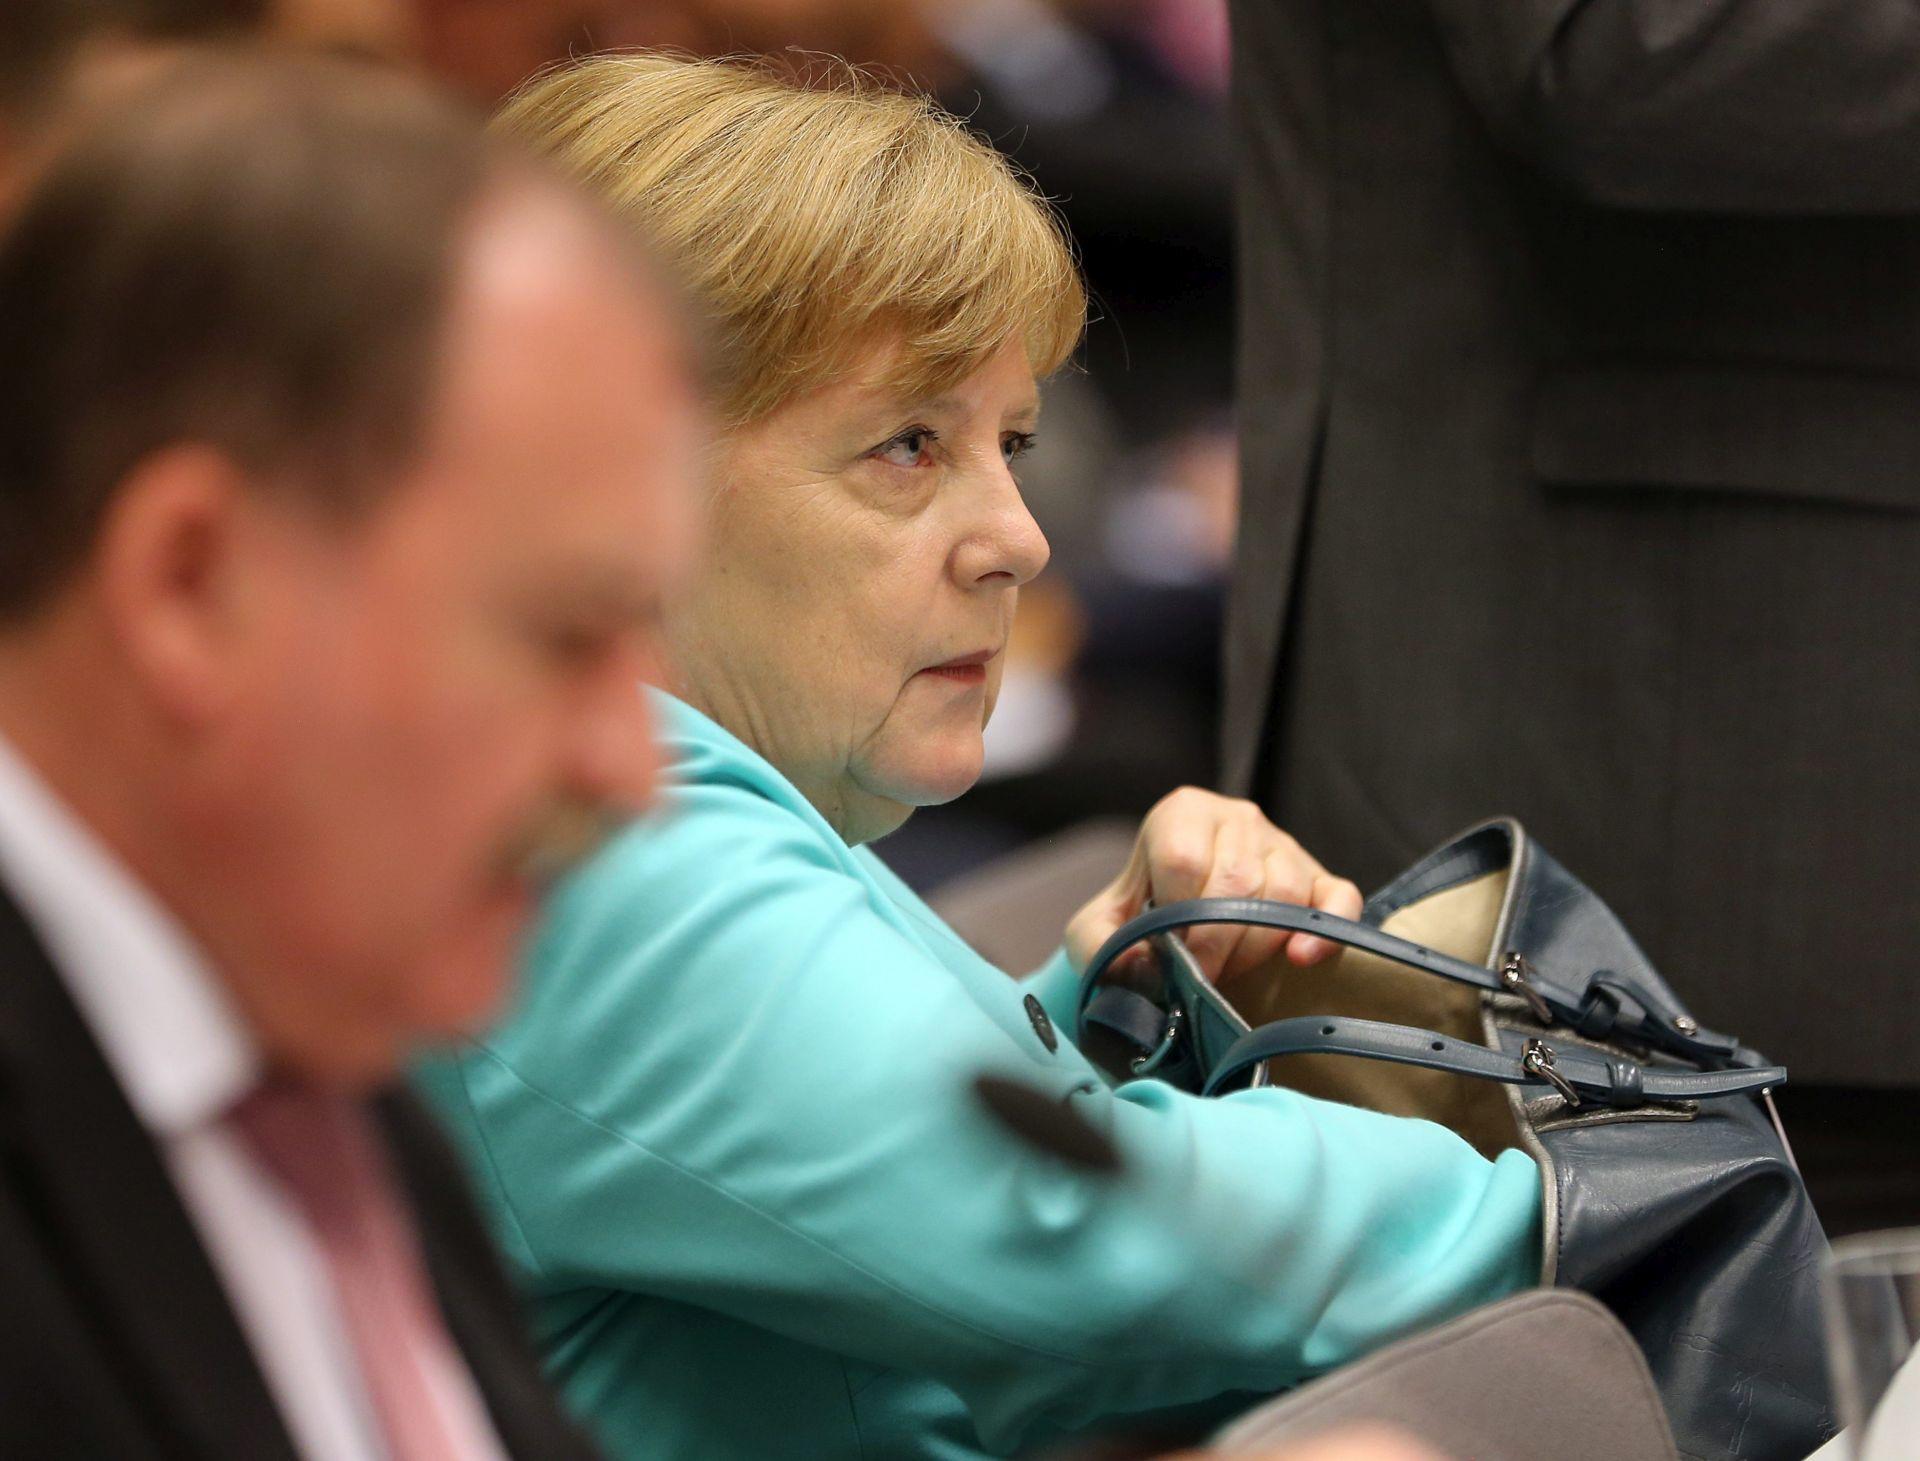 PARLAMENTARNI IZBORI: CDU/CSU potvrdila Merkel za kandidatkinju za kancelarku